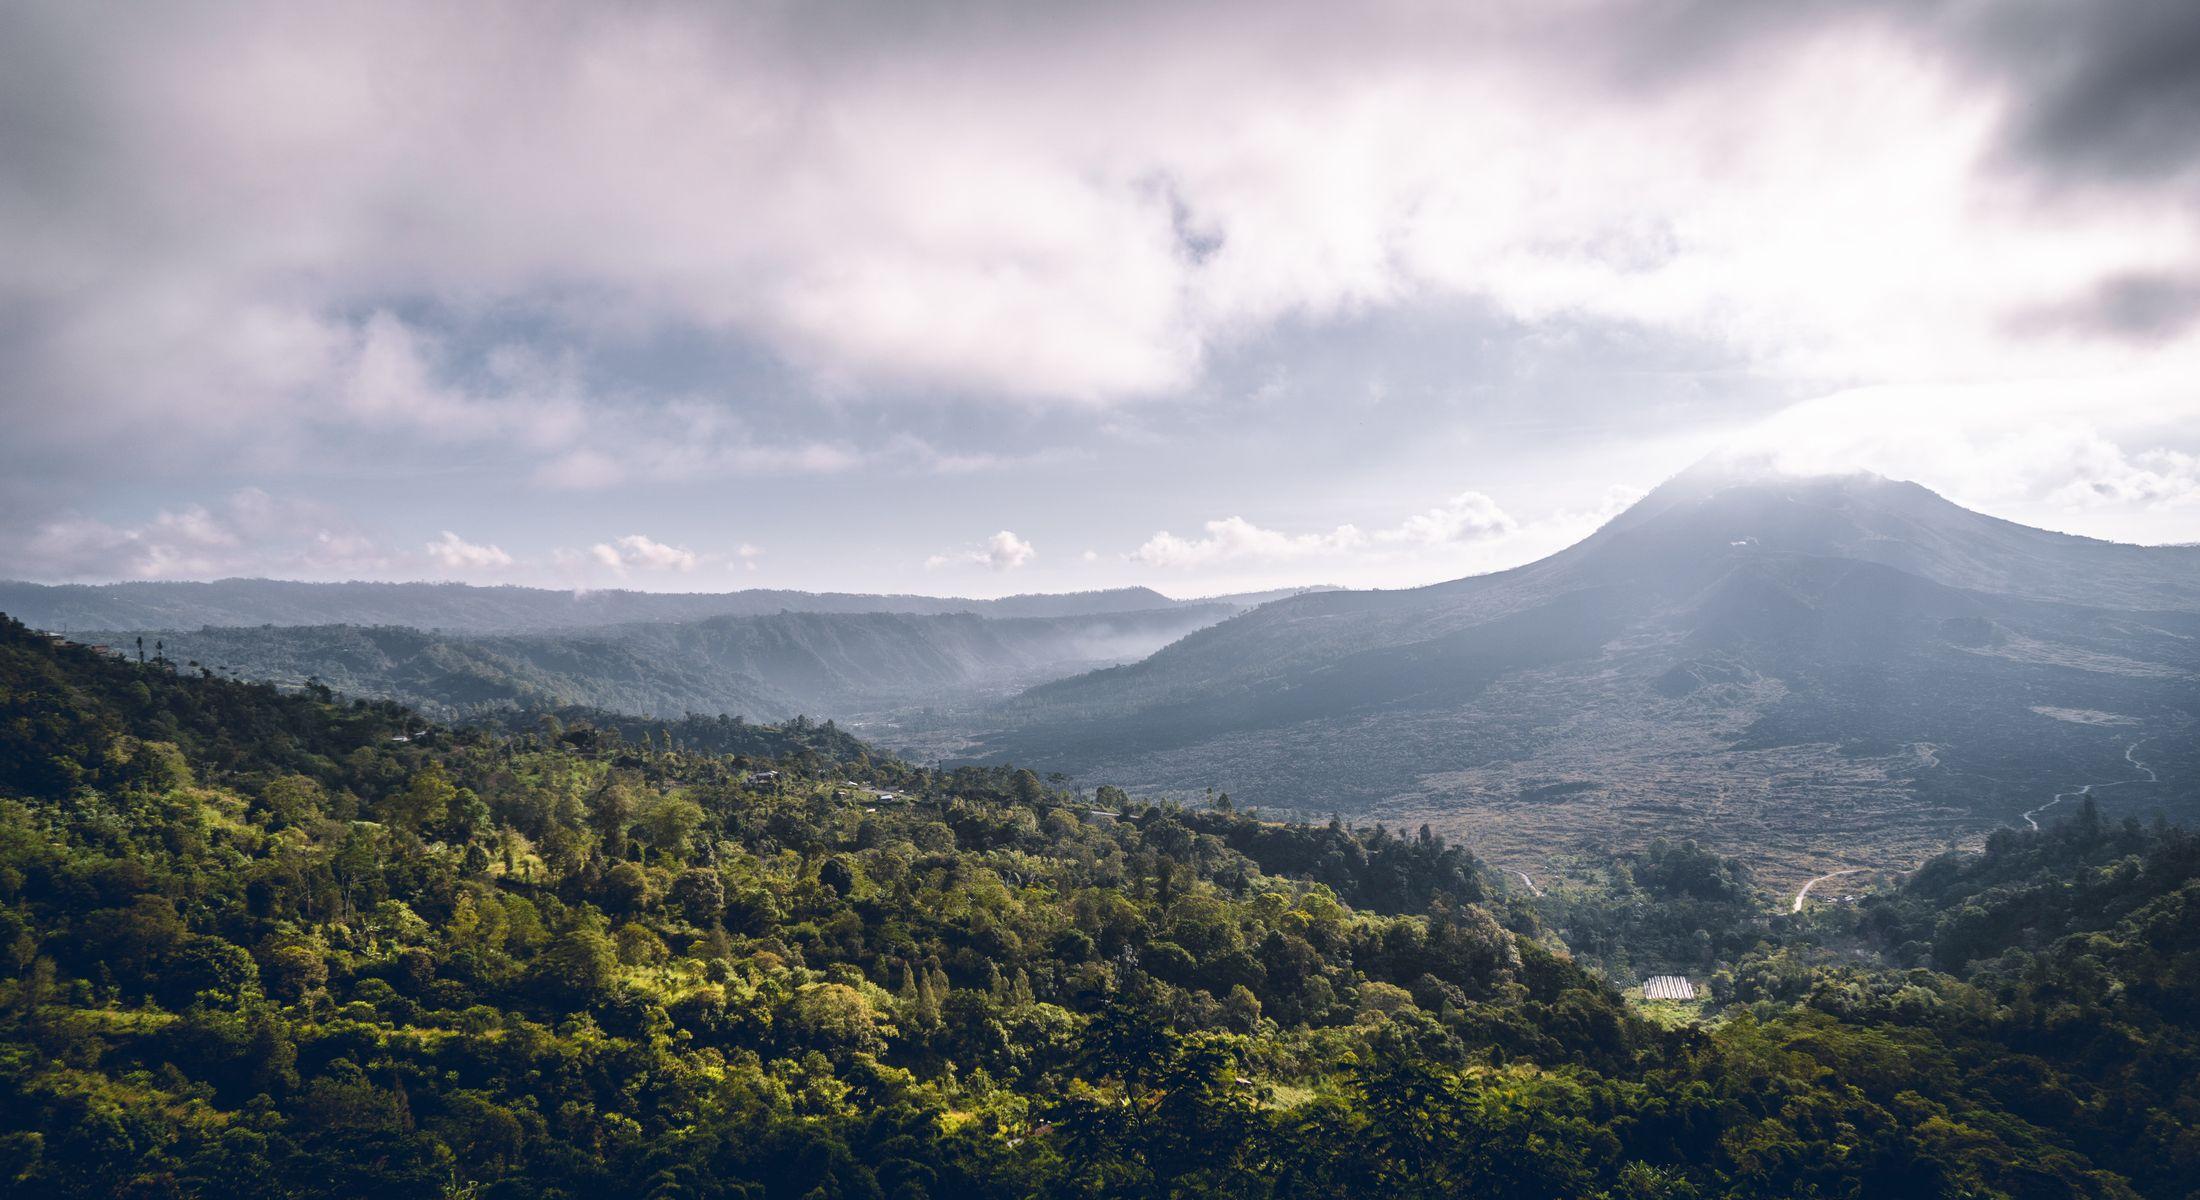 Black lava fields in front of Mount Batur